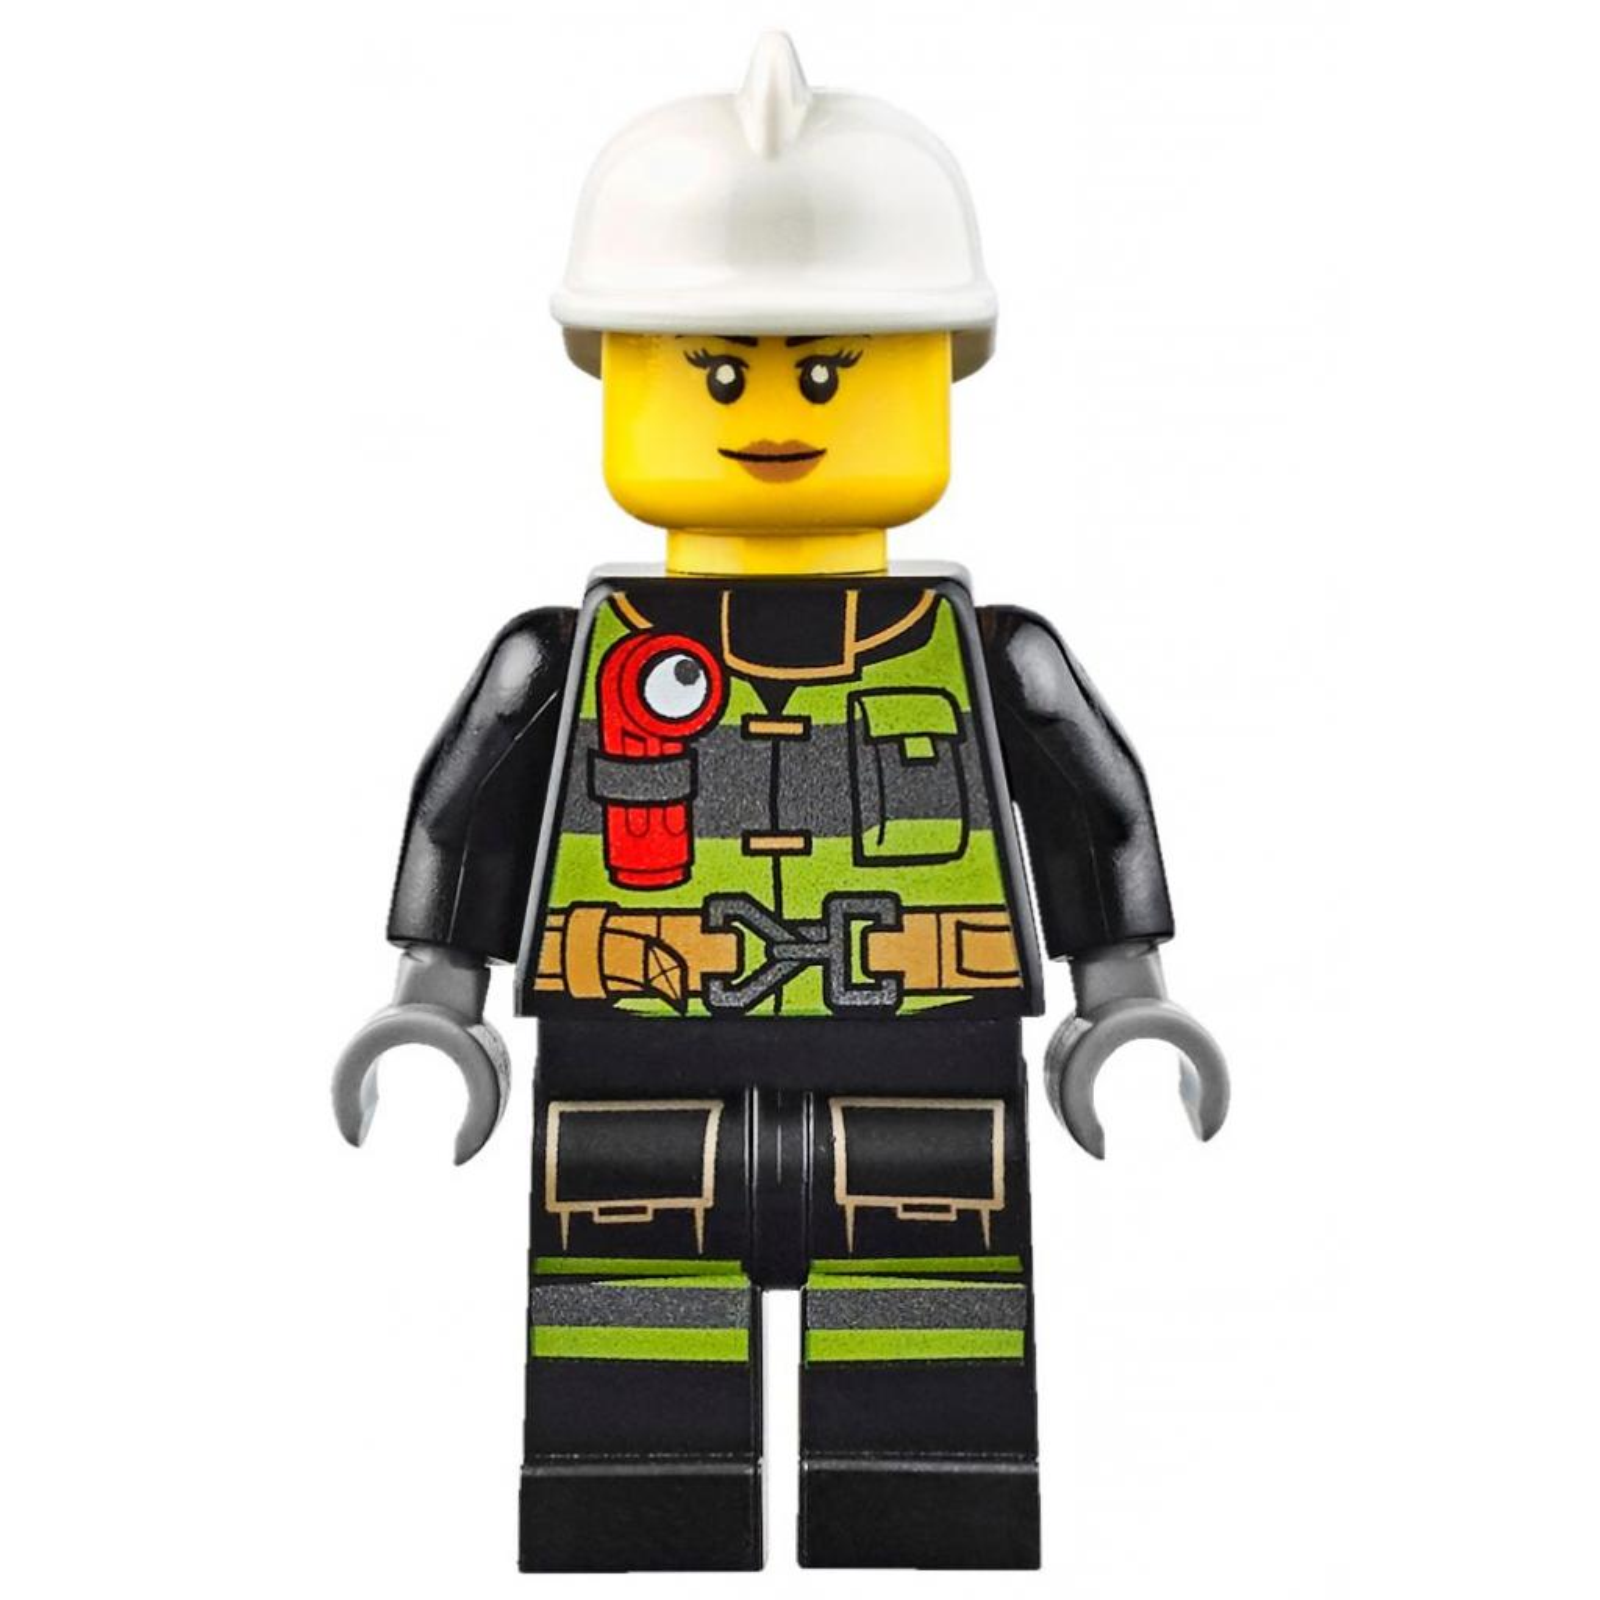 Конструктор LEGO City Fire Пожарный автомобиль с лестницей (60107) изображение 5